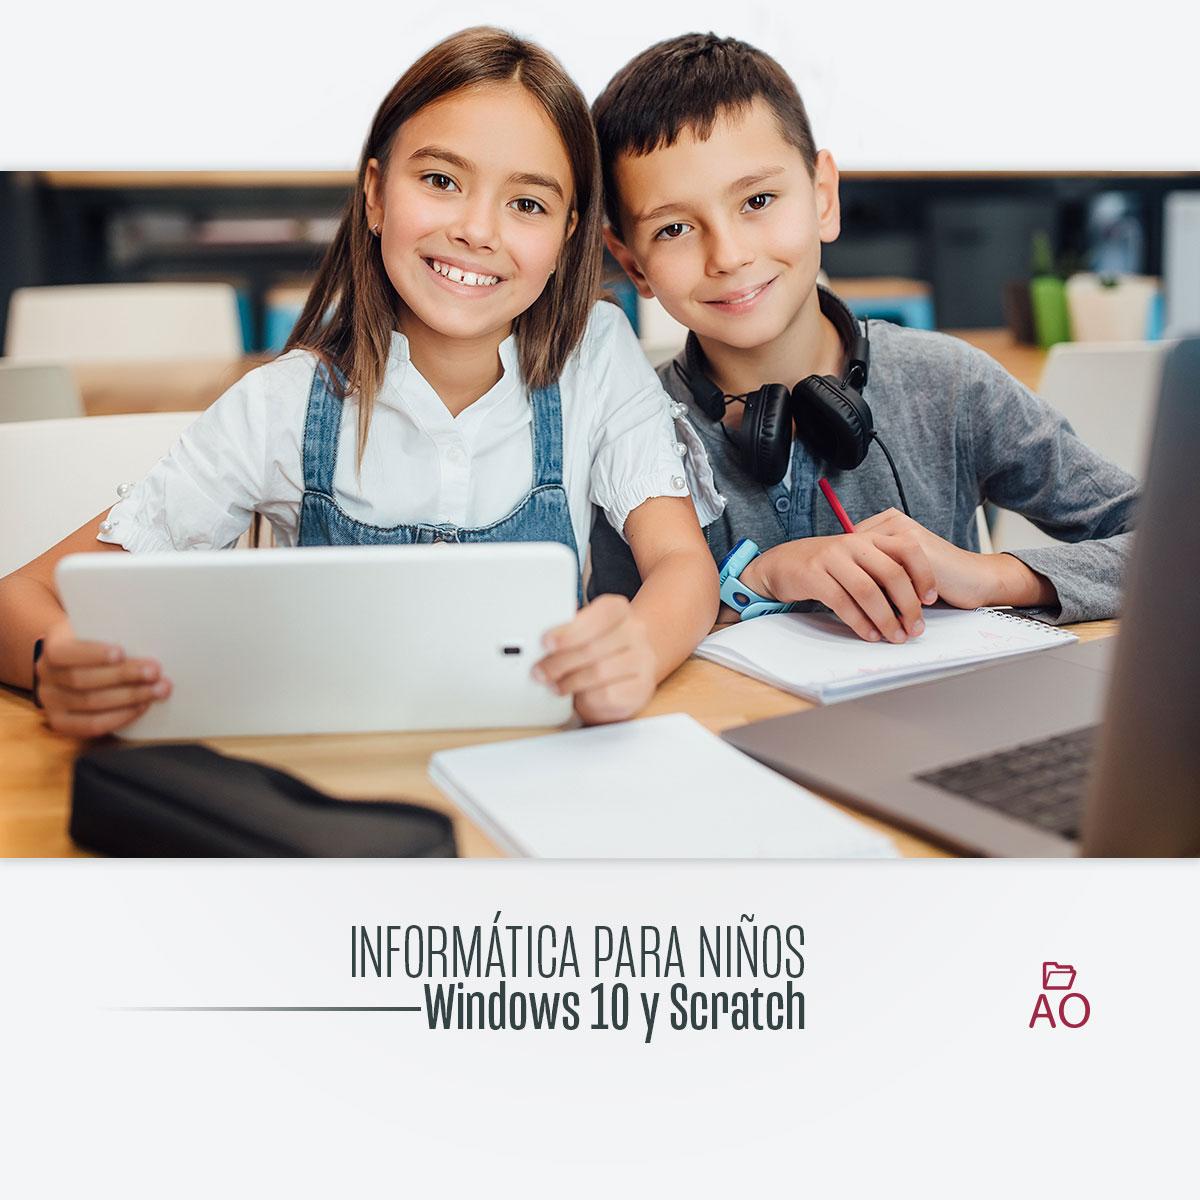 Course Image Informática para Niños